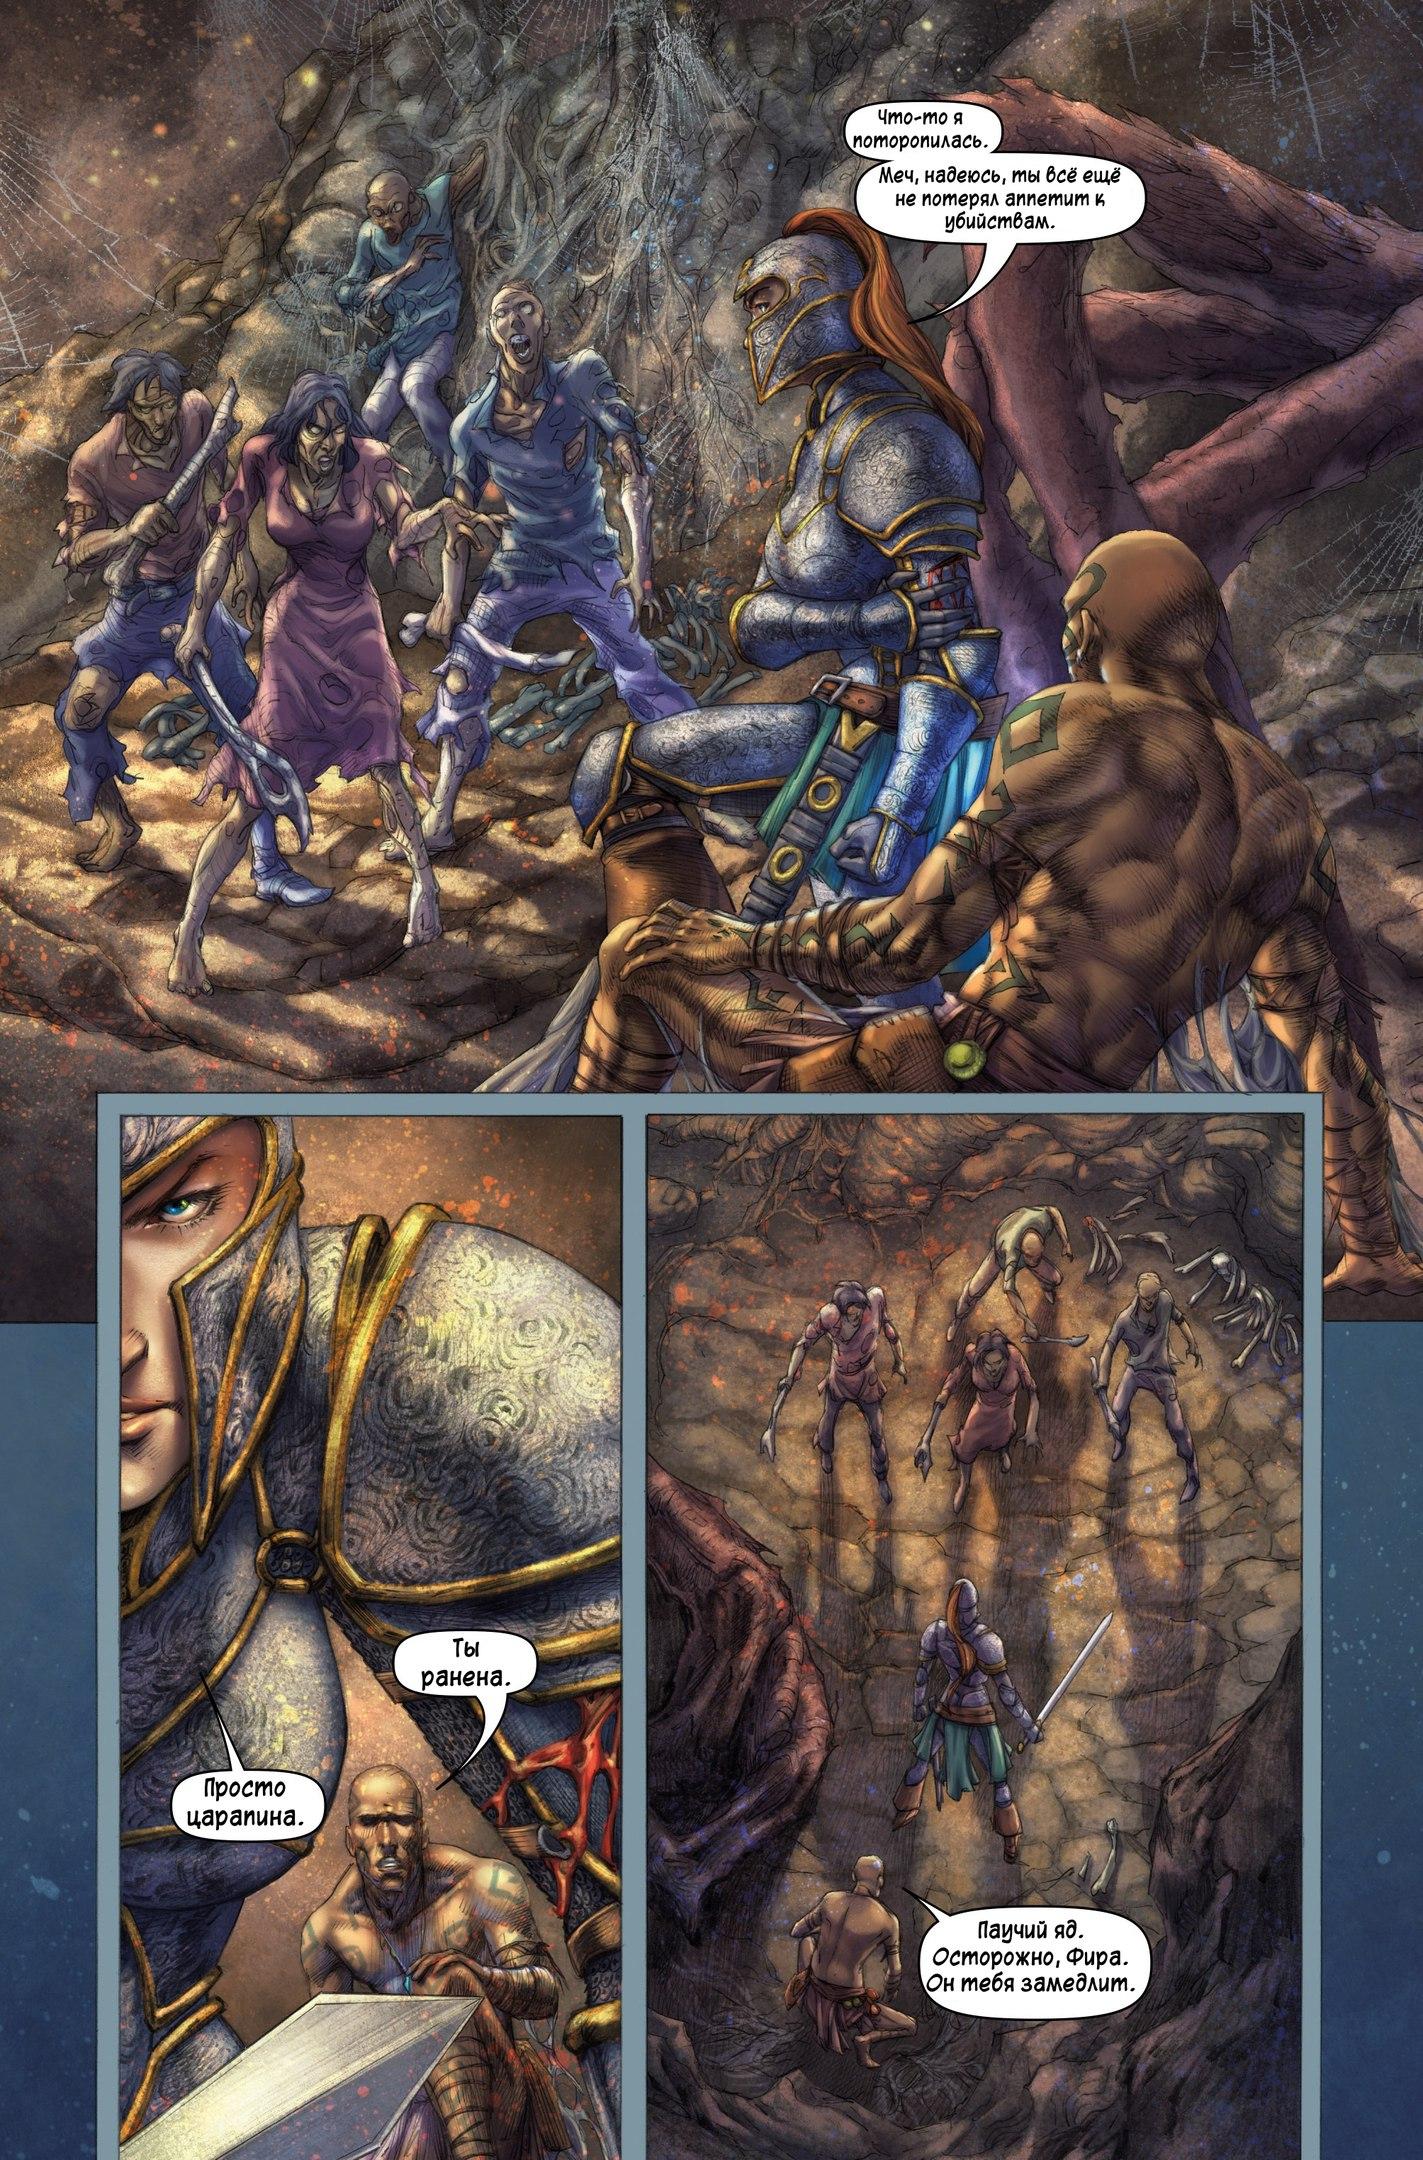 Немного комиксов по Dark Souls.(часть 2) - Изображение 15